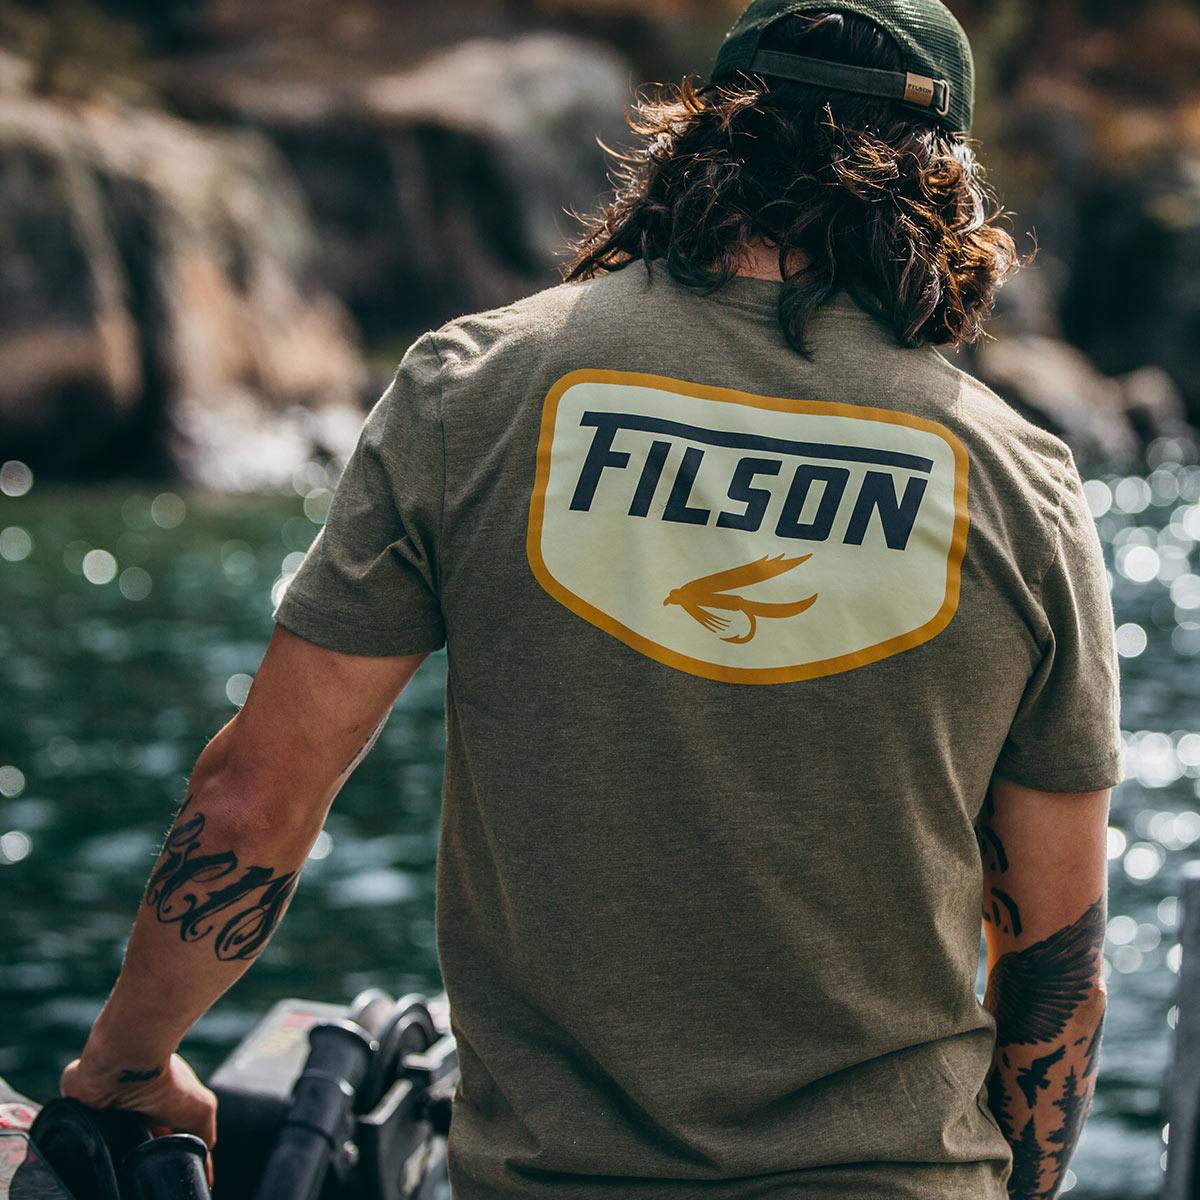 Filson Buckshot T-Shirt Olive Drab Heather, met graphics die bij Filson in eigen huis zijn ontworpen